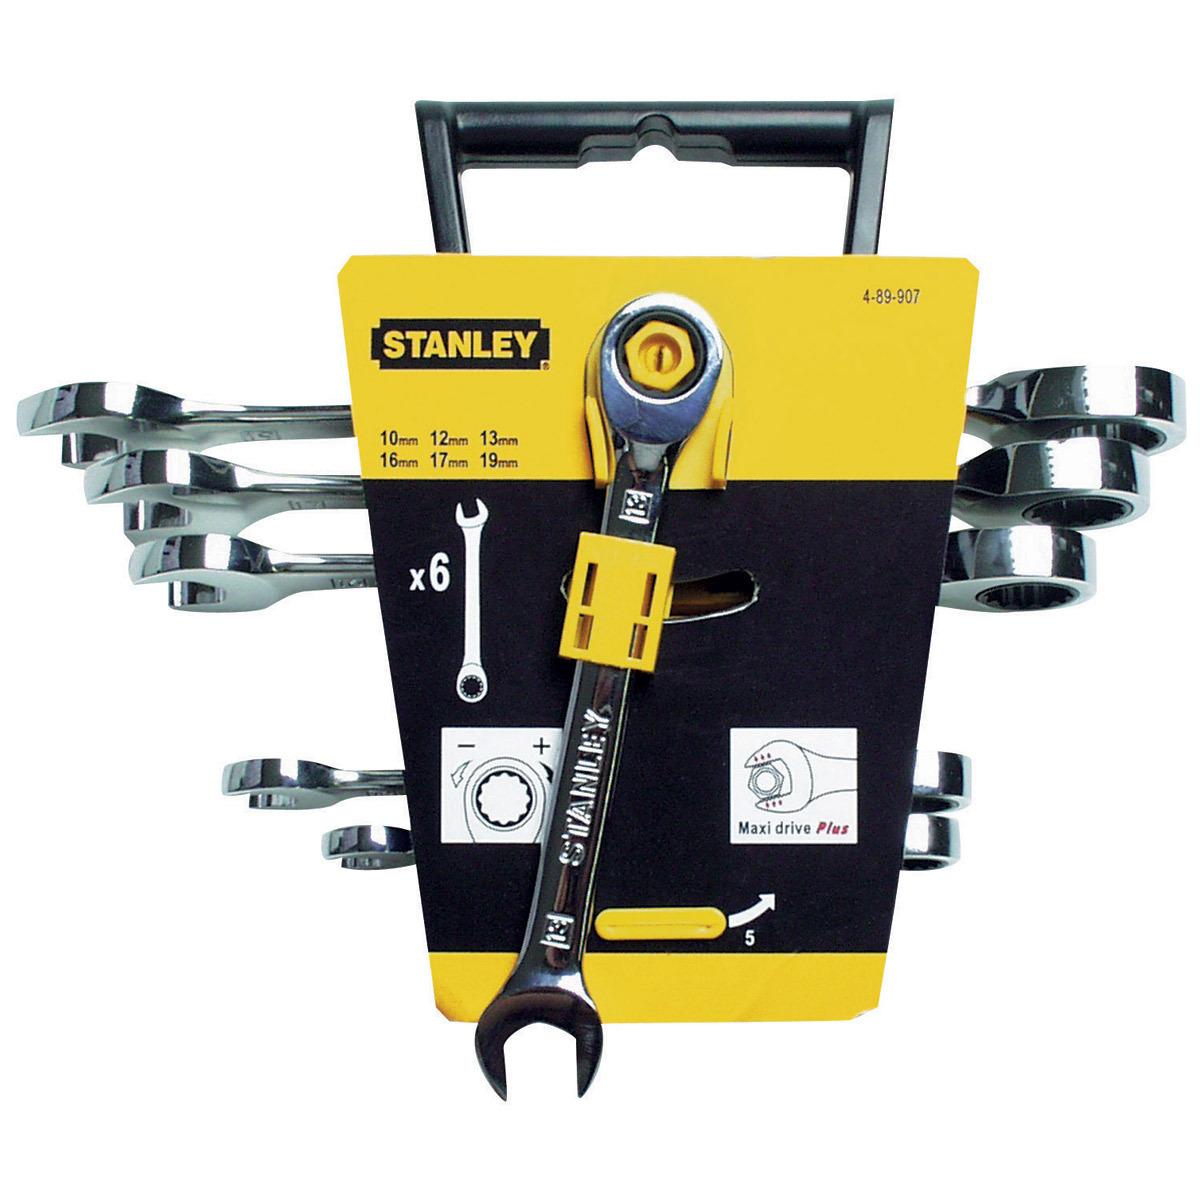 Набор ключей Maxi Drive с храповым механизмом 6шт Stanley 4-89-907